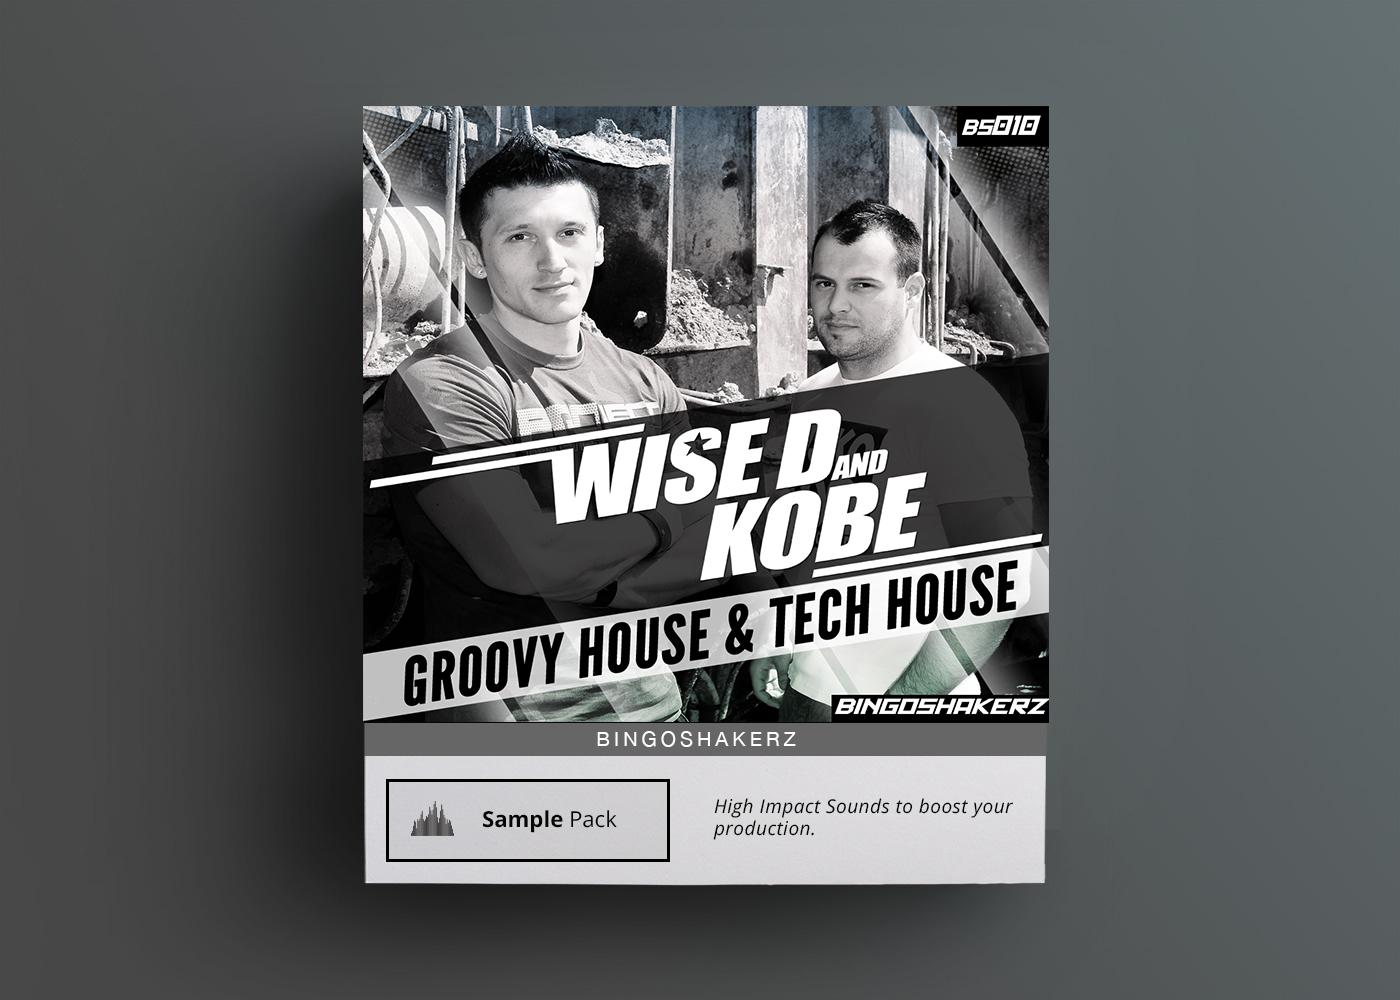 groovy house